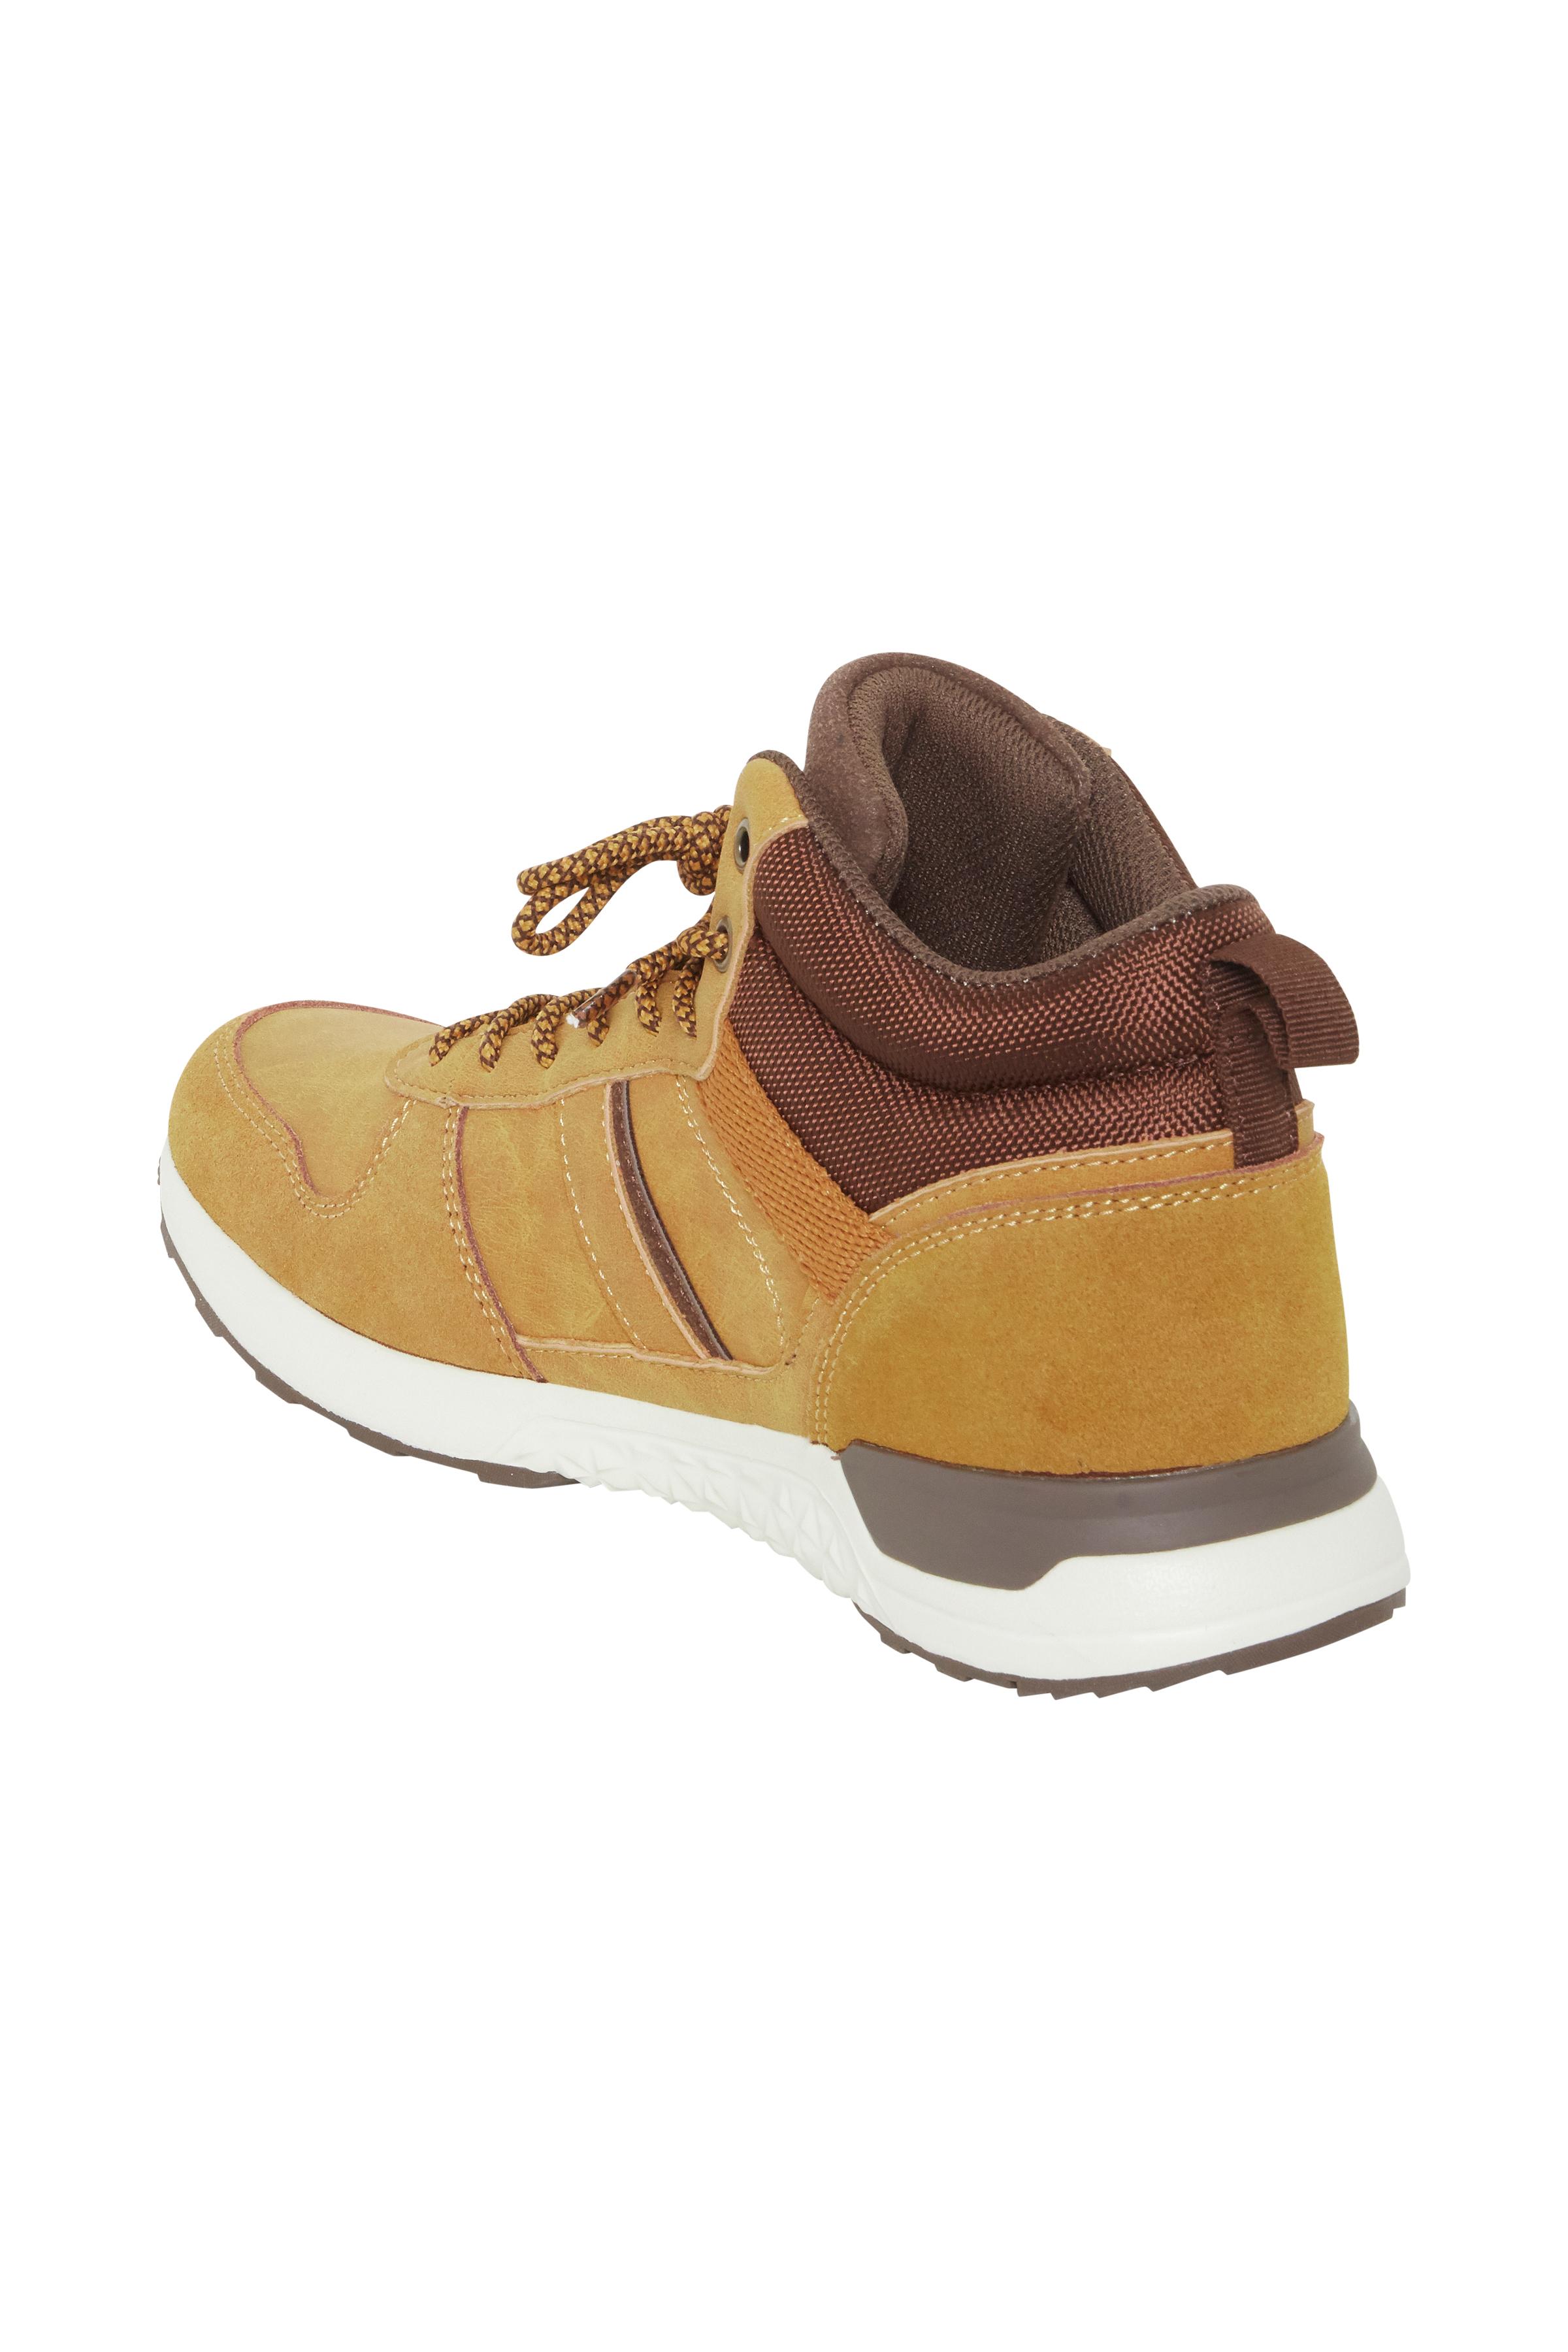 Cobber Brown Støvler – Køb Cobber Brown Støvler fra str. 42-46 her